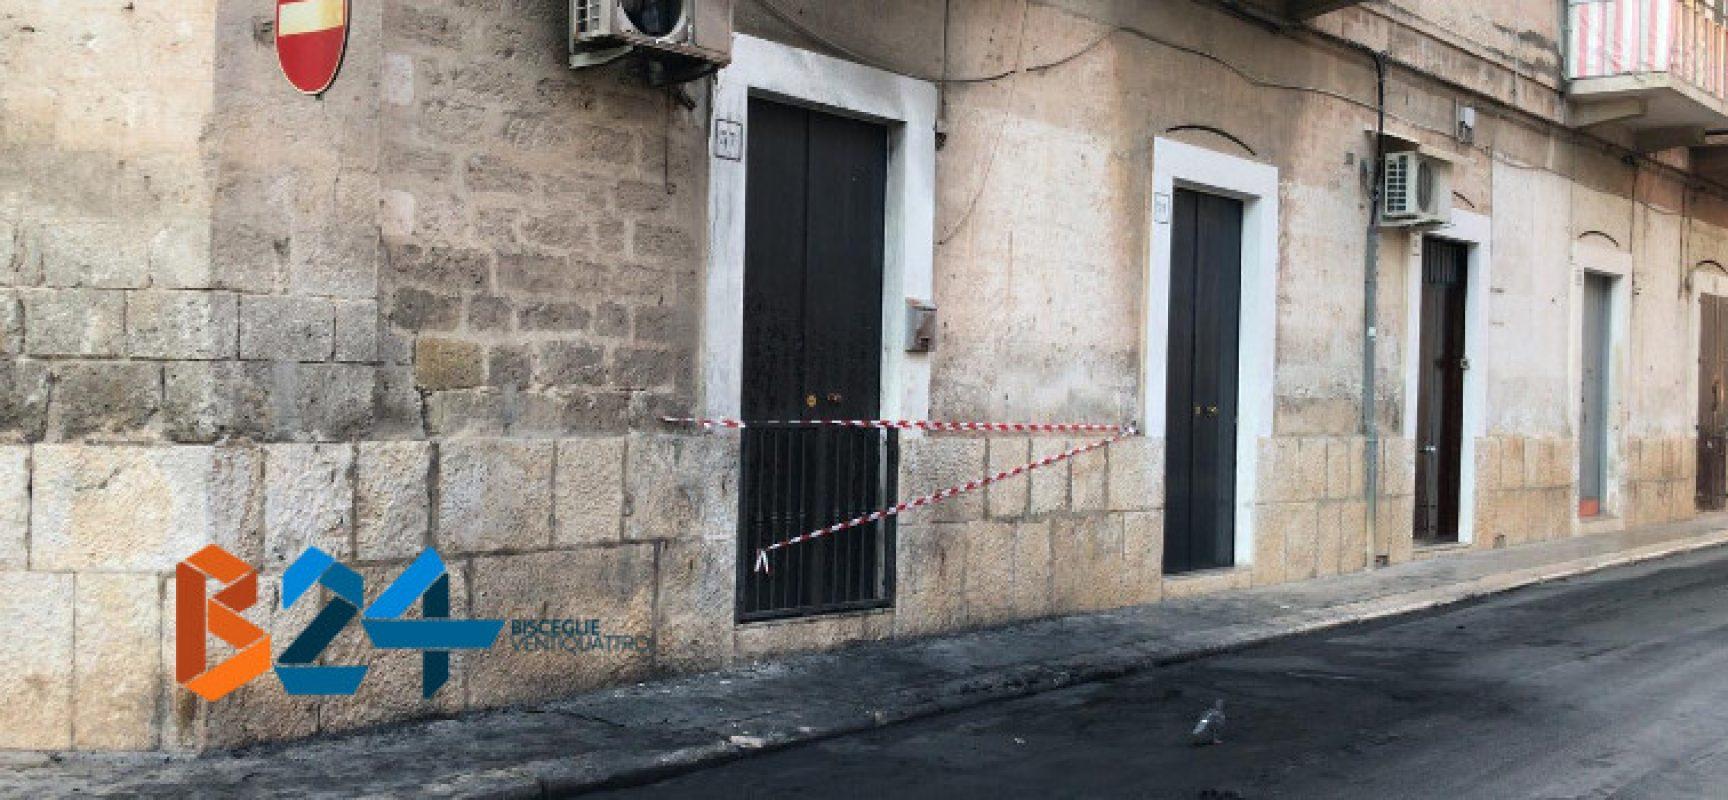 Famiglia bloccata in casa per un incendio: salvata dai Vigili del Fuoco